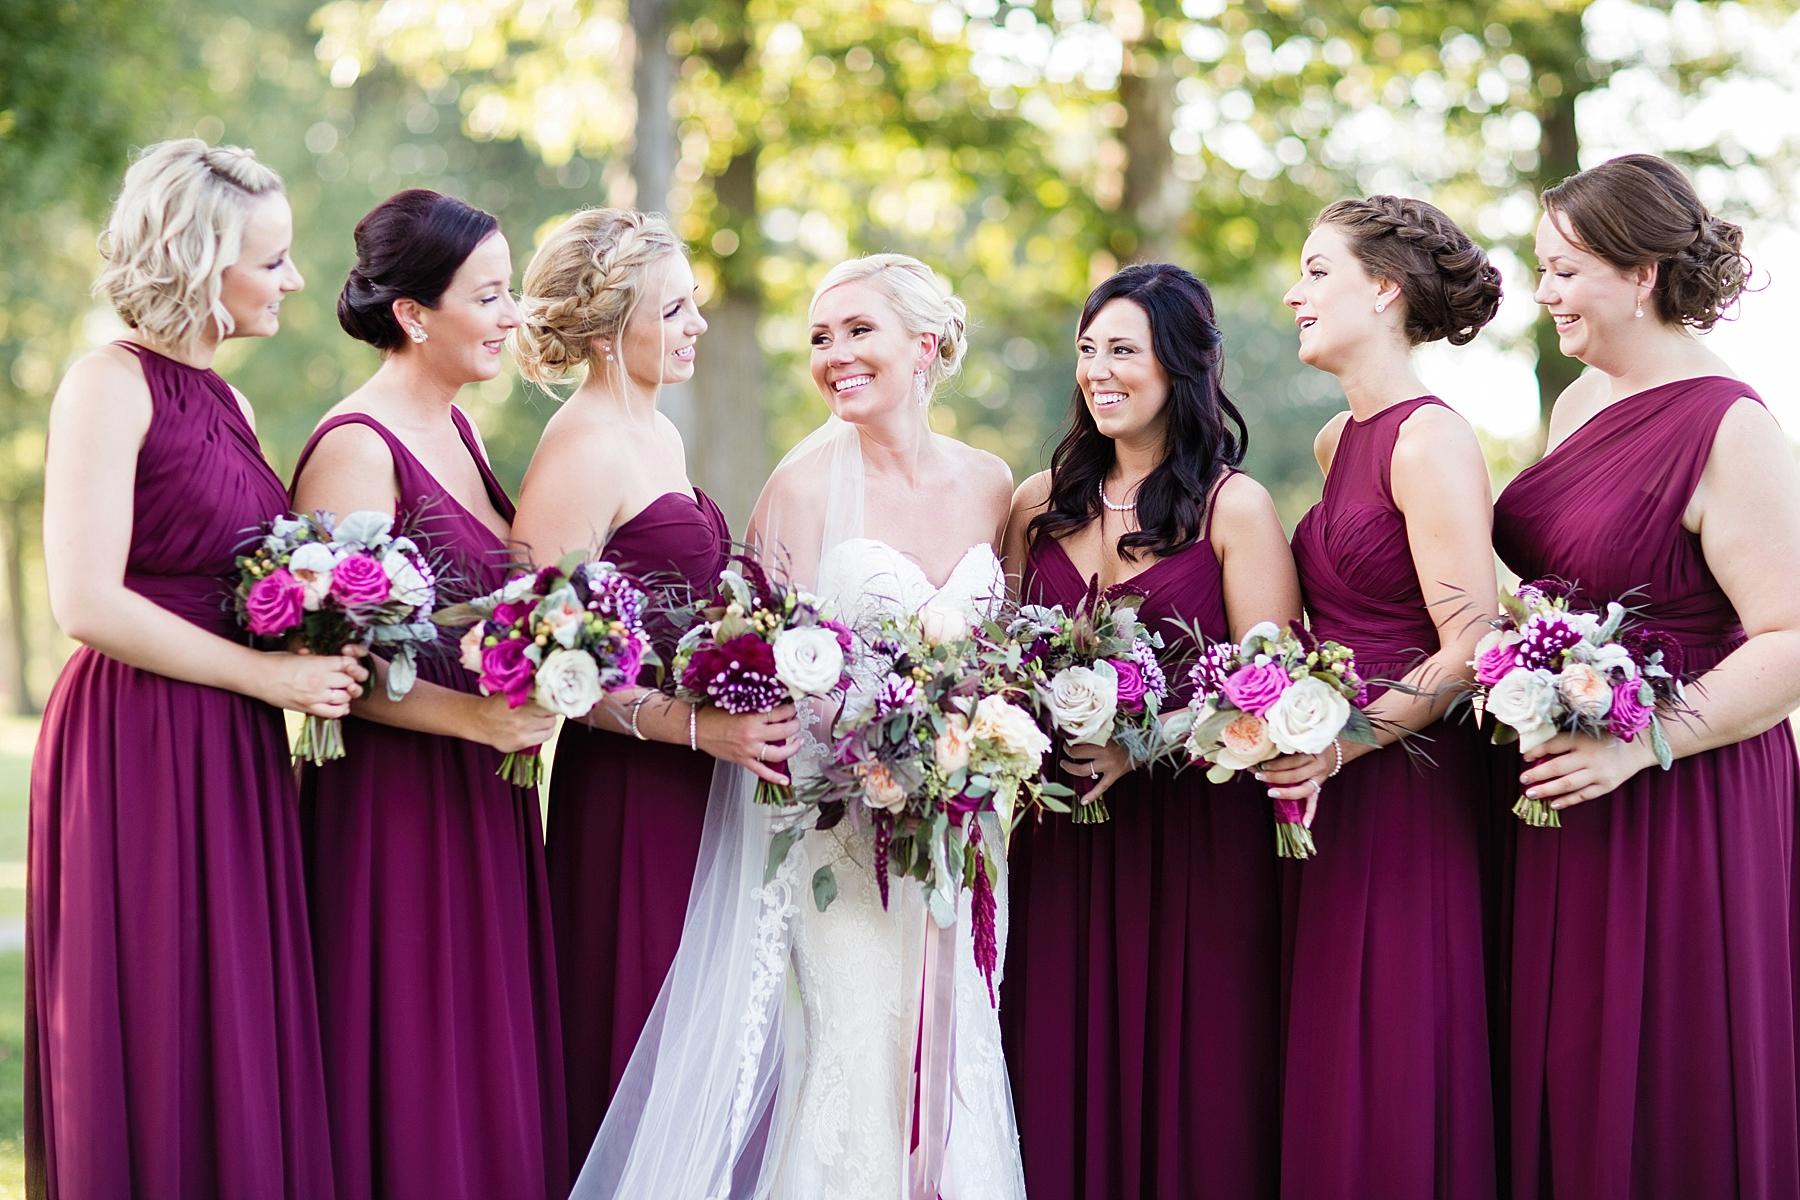 windsor-wedding-photographer-essex-golf-country-club-wedding-eryn-shea-photography_0041.jpg